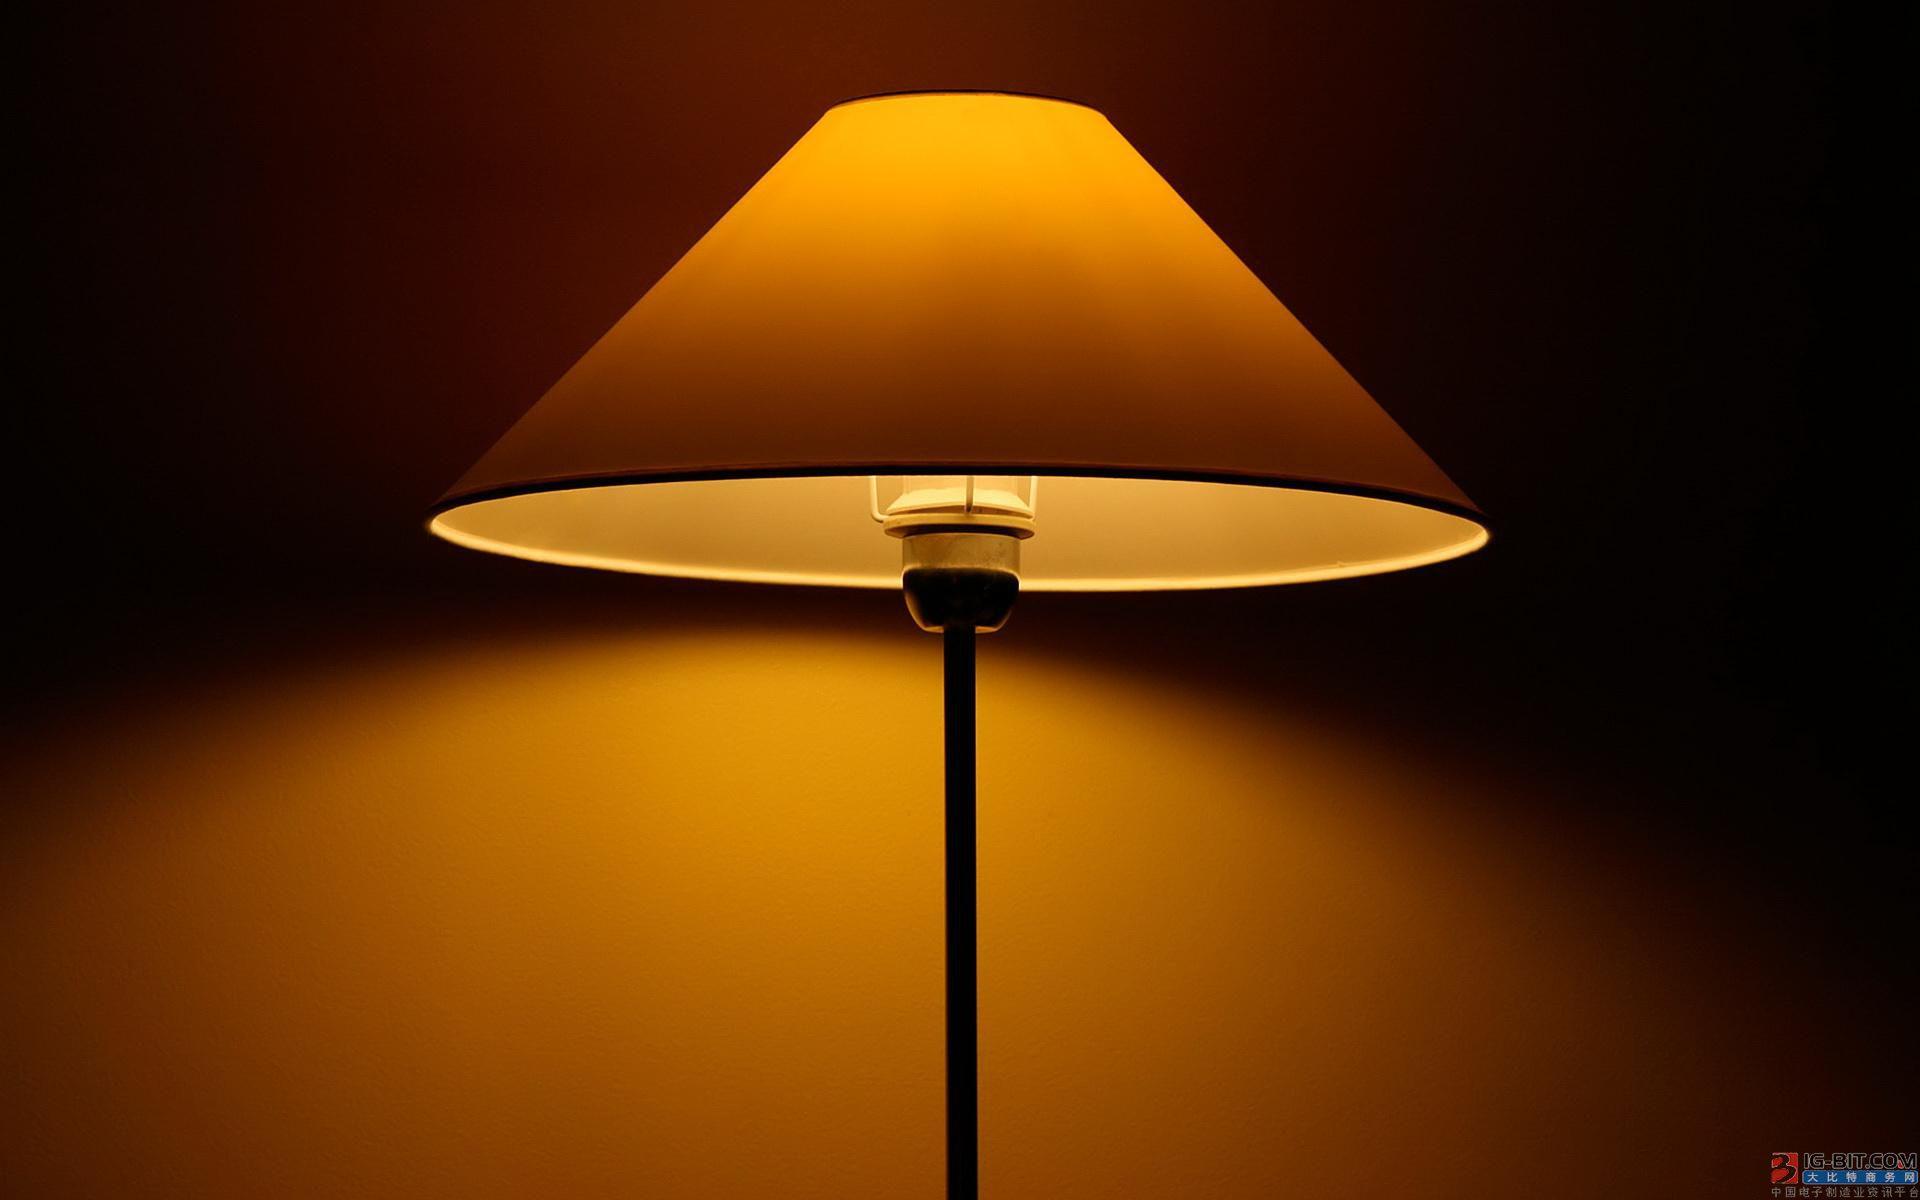 甘肃省工商局公布台灯类不合格商品名单